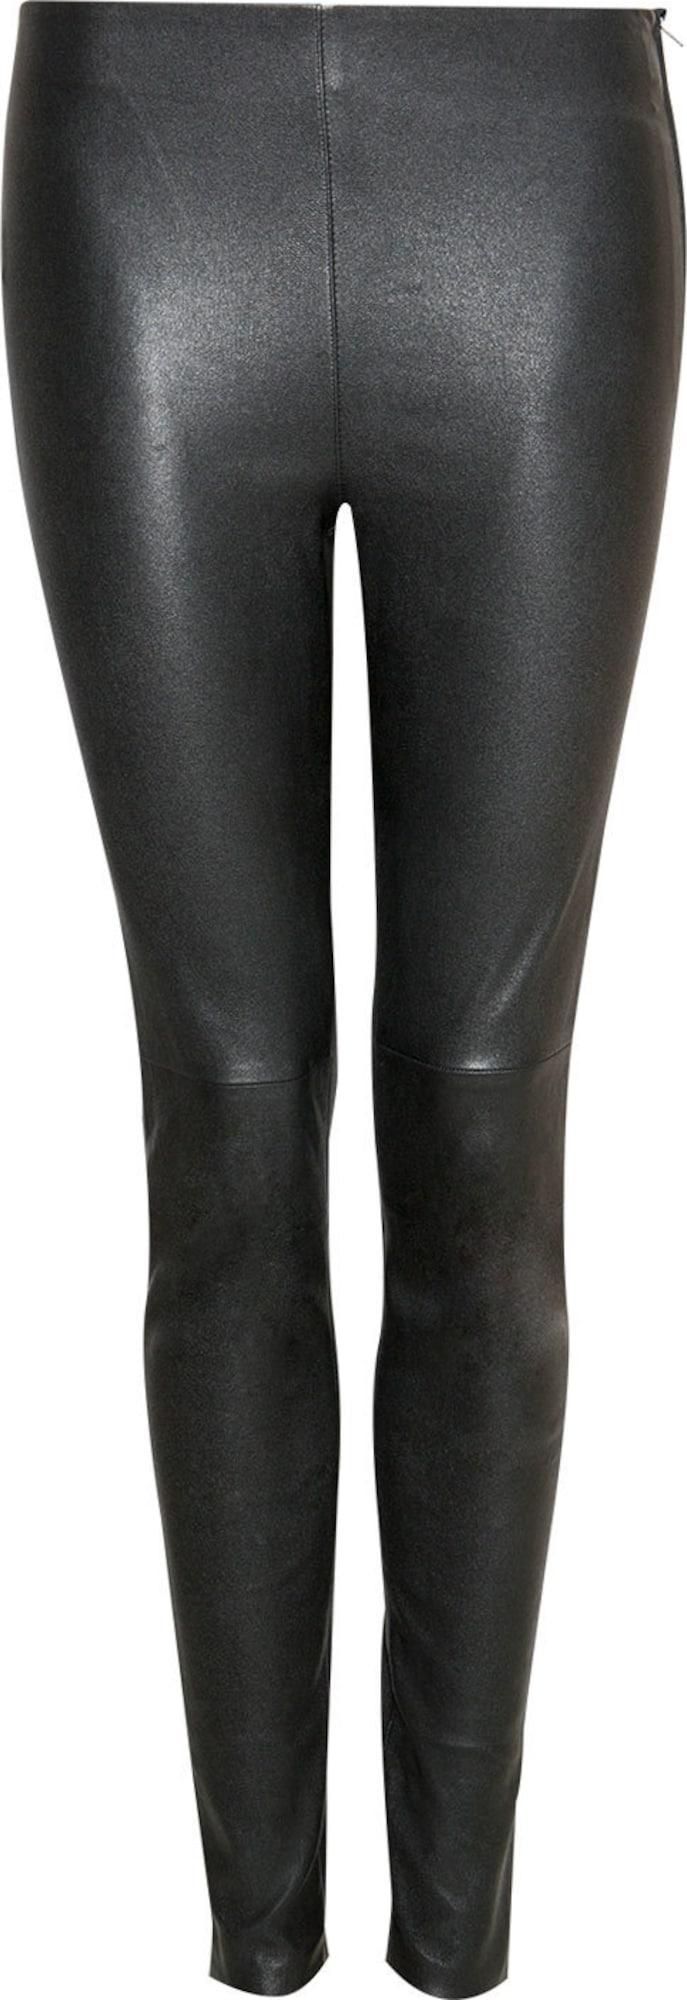 hallhuber leggings aus stretch leder in schwarz. Black Bedroom Furniture Sets. Home Design Ideas